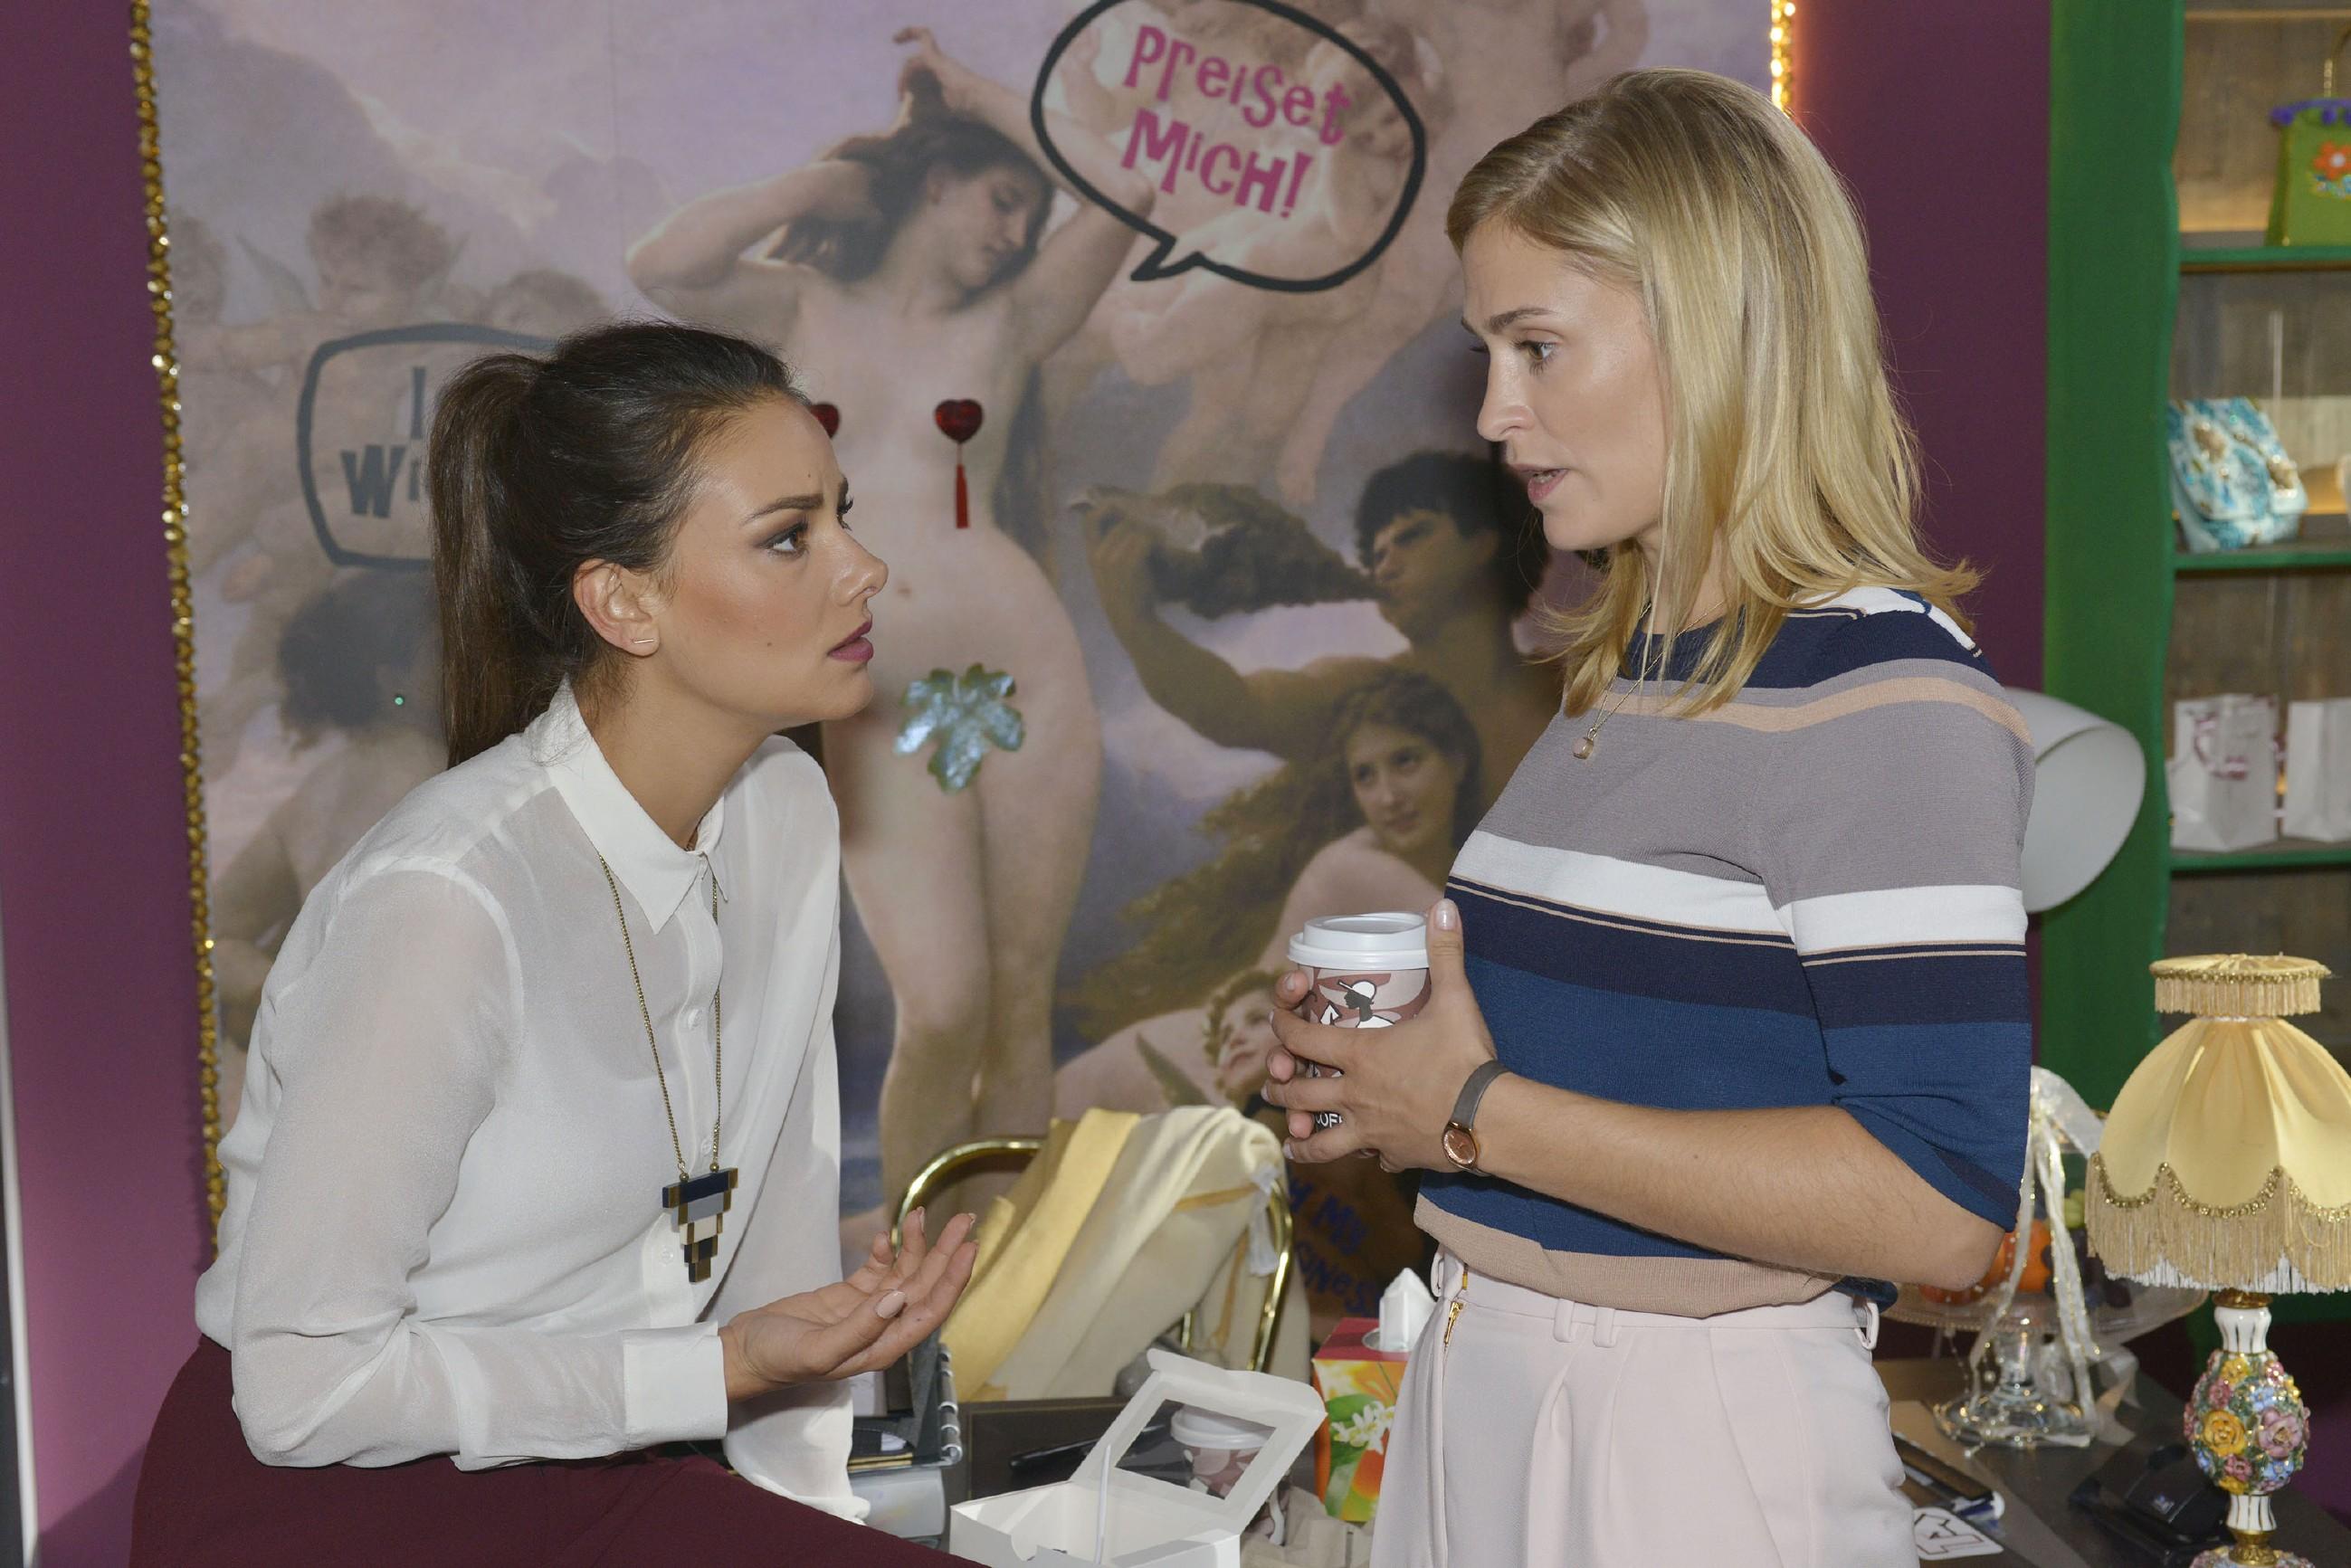 Auf Leons Bitte hin versucht Jasmin (Janina Uhse, l.) mit Sophie (Lea Marlen Woitack) zu reden, doch auch sie kann nicht zu Sophie durchdringen. (Quelle: RTL / Rolf Baumgartner)